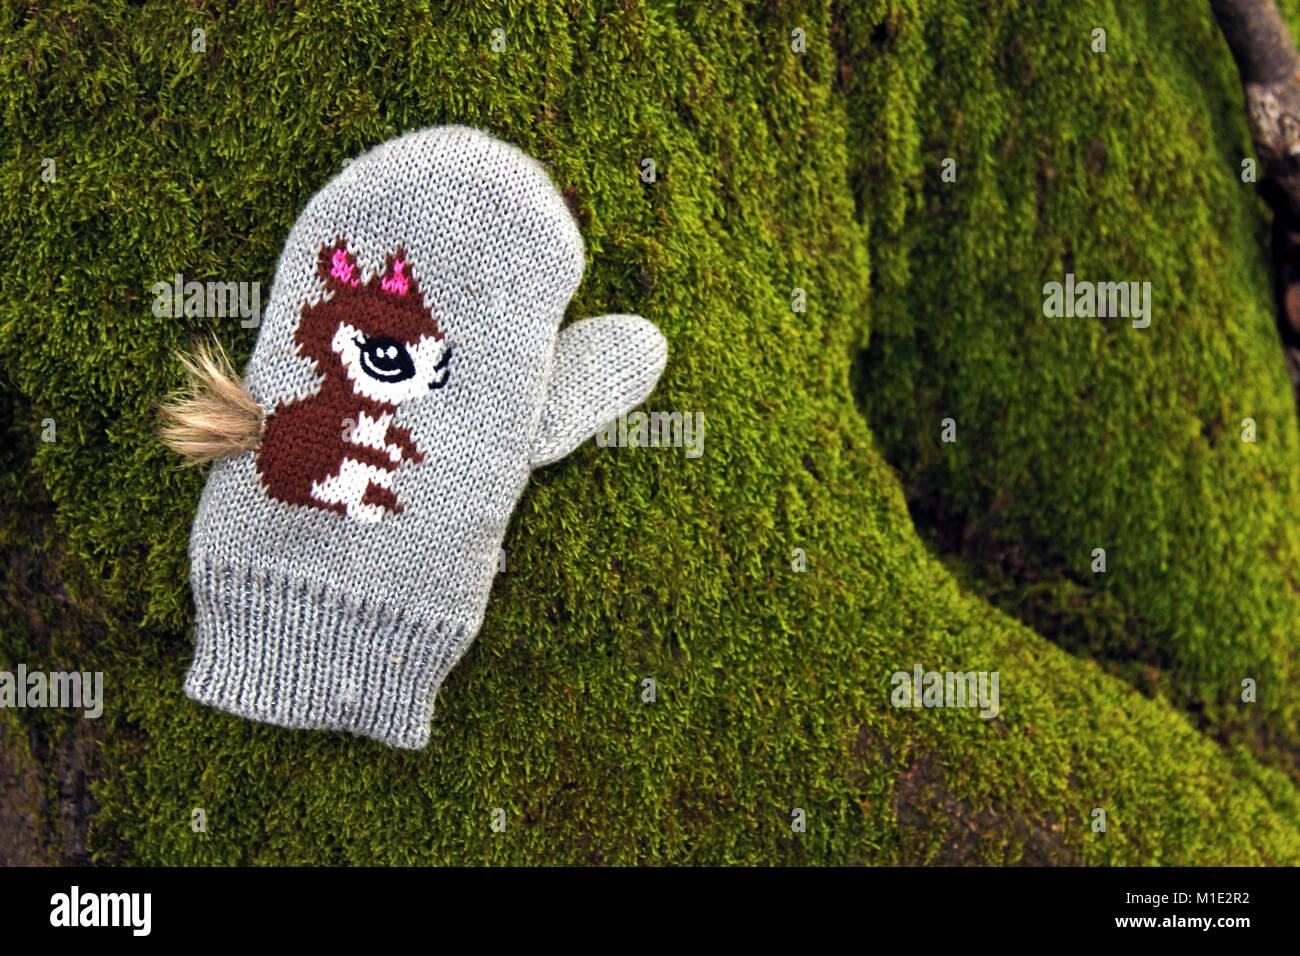 Enfants tricotés main avec un motif d'écureuil couché sur les racines des arbres moussus Photo Stock